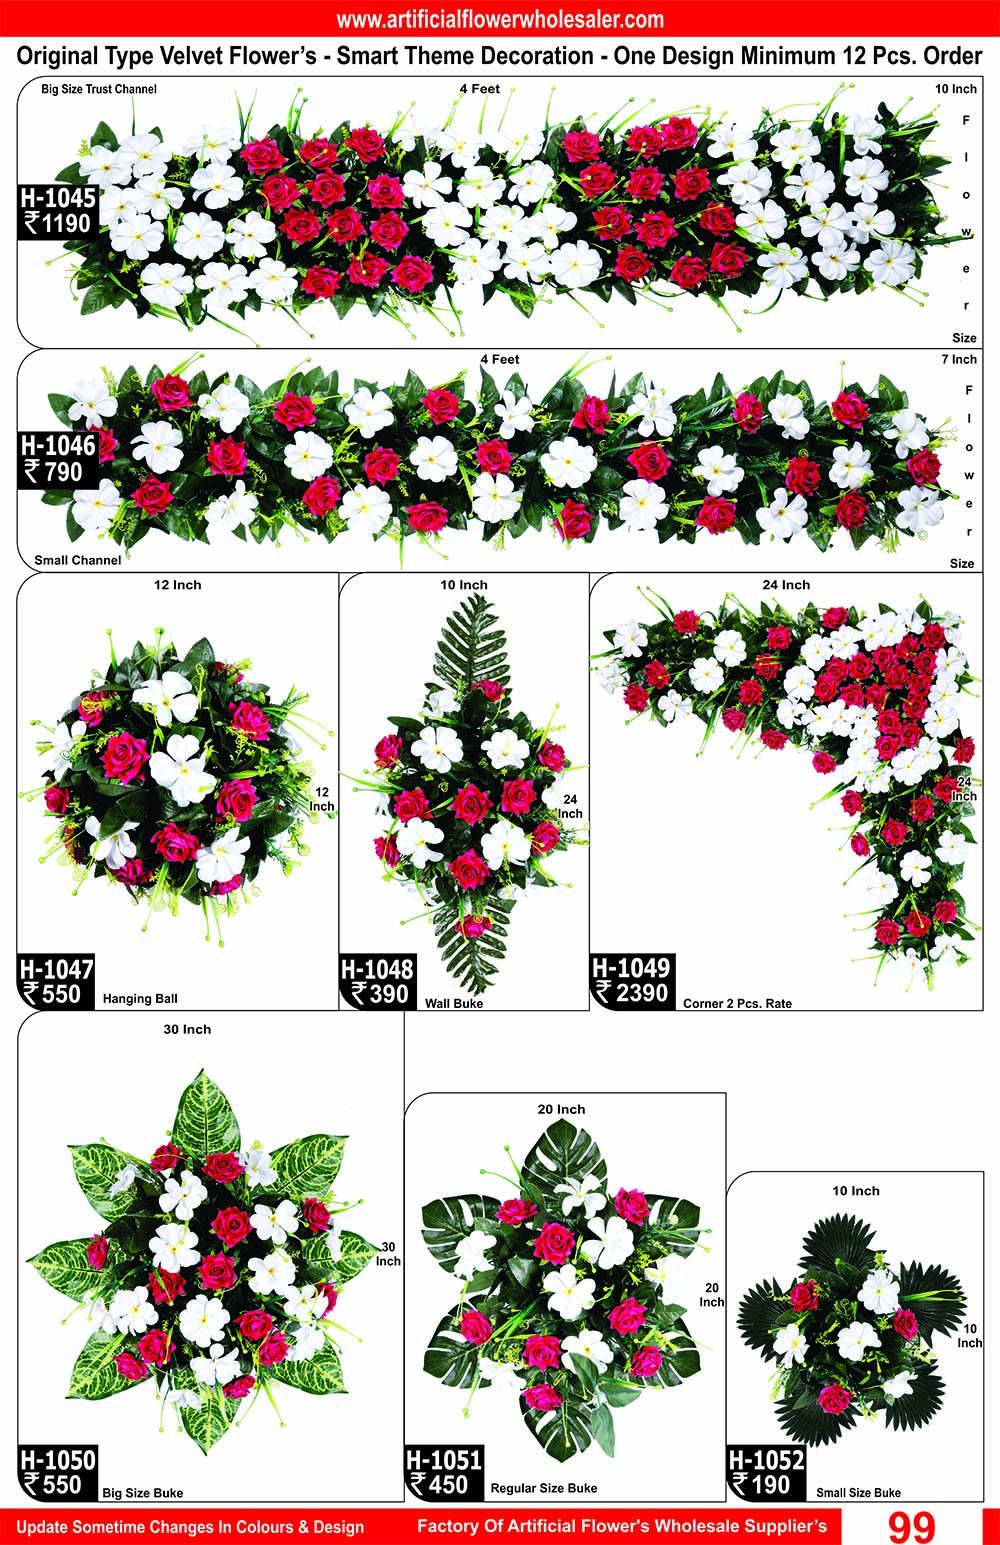 99-artificial-flower-wholesaler